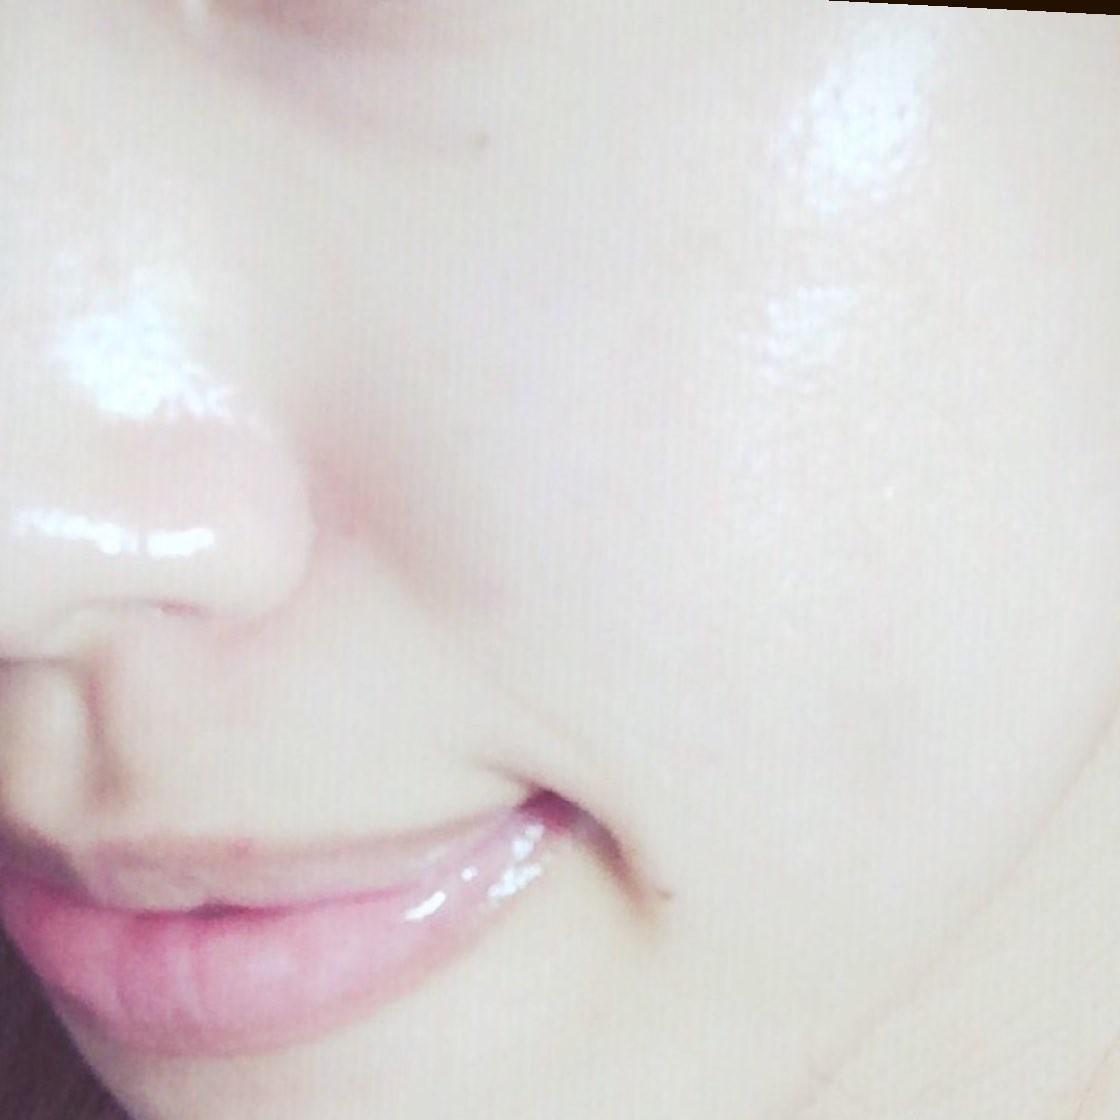 大人の魅力的な艶肌に 優秀なおすすめフェイスパウダー3選のサムネイル画像